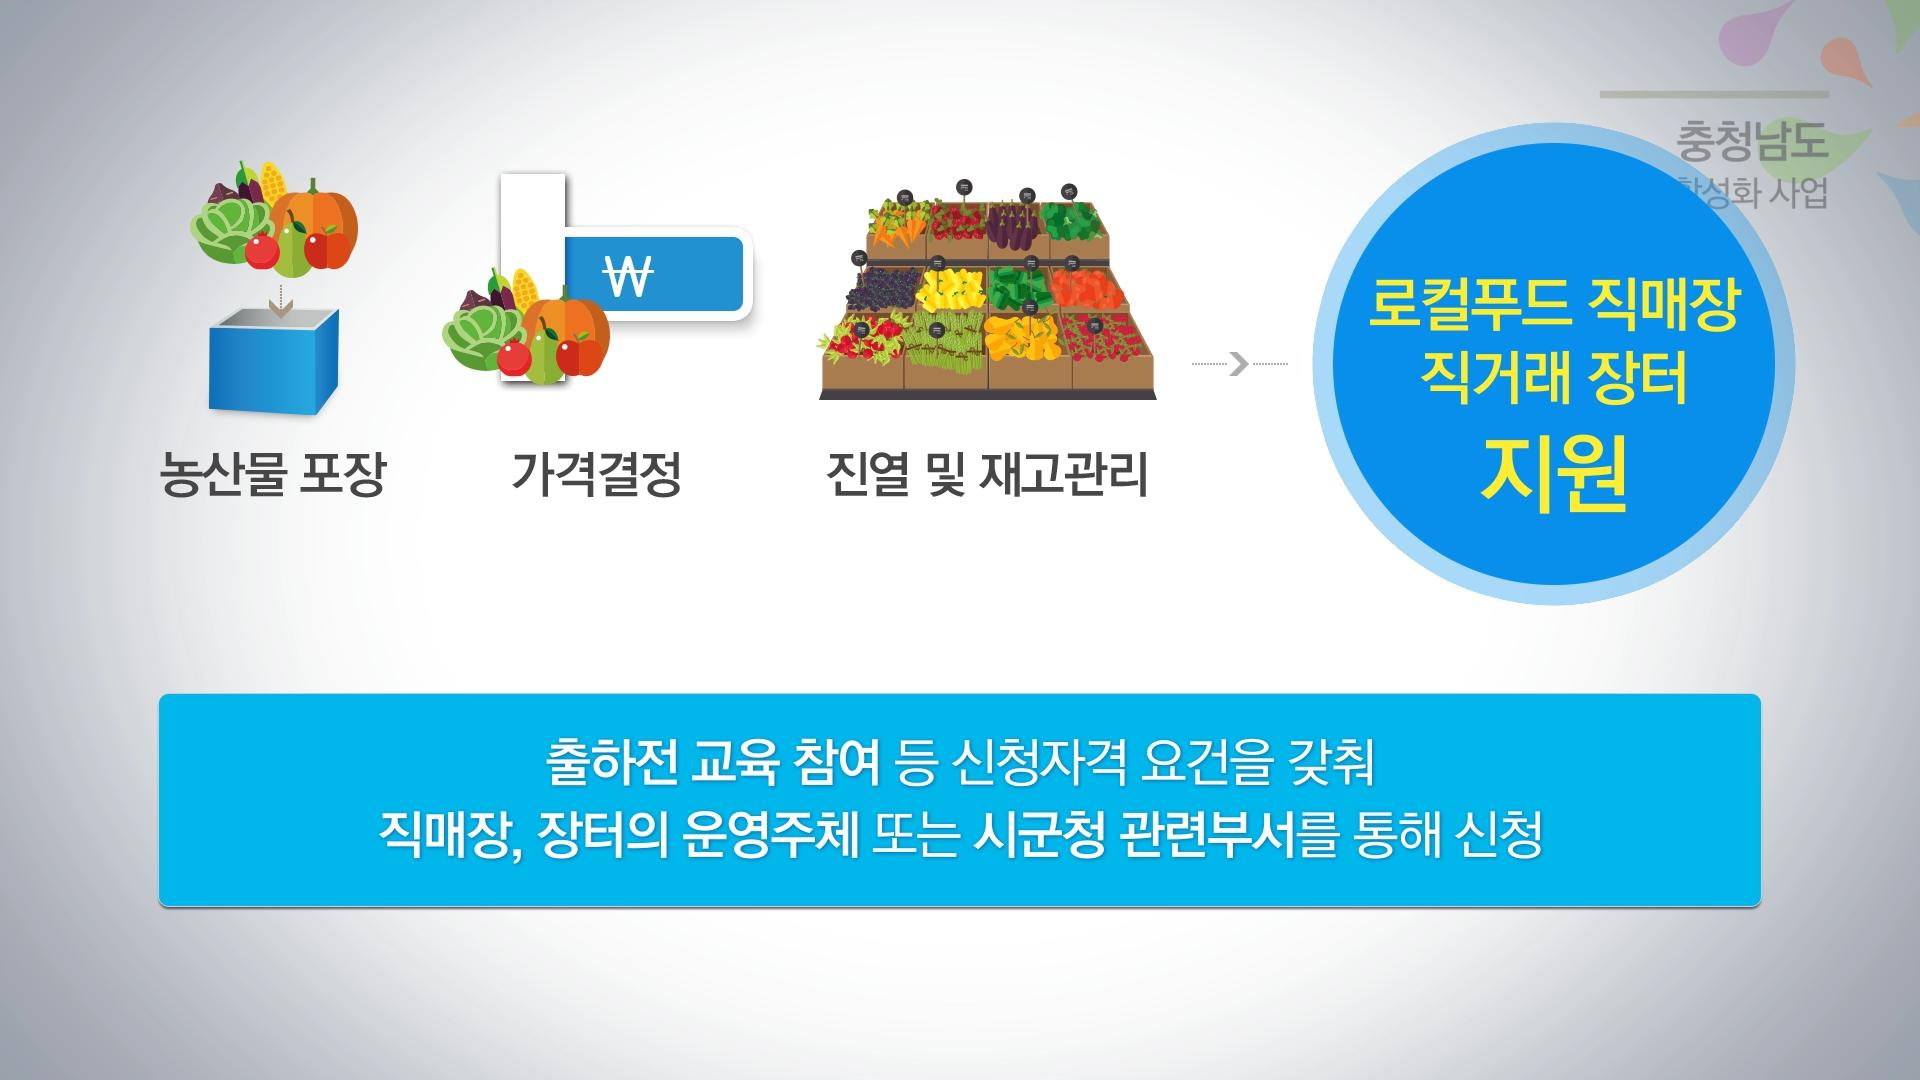 2017년 3농혁신 주요정책 이미지 4